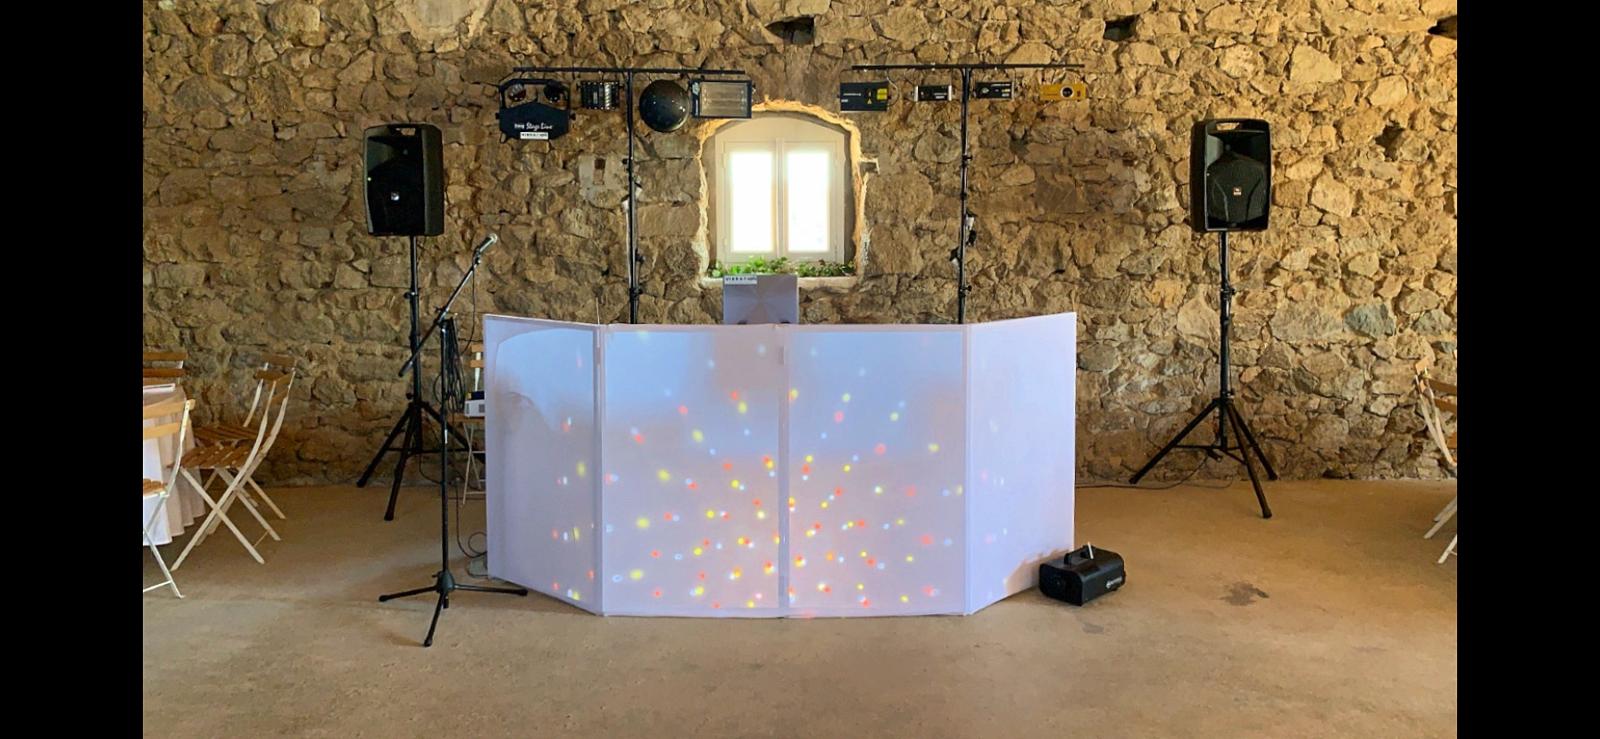 Propose service de DJ pour l'animation de vos soirées Valence (26000)